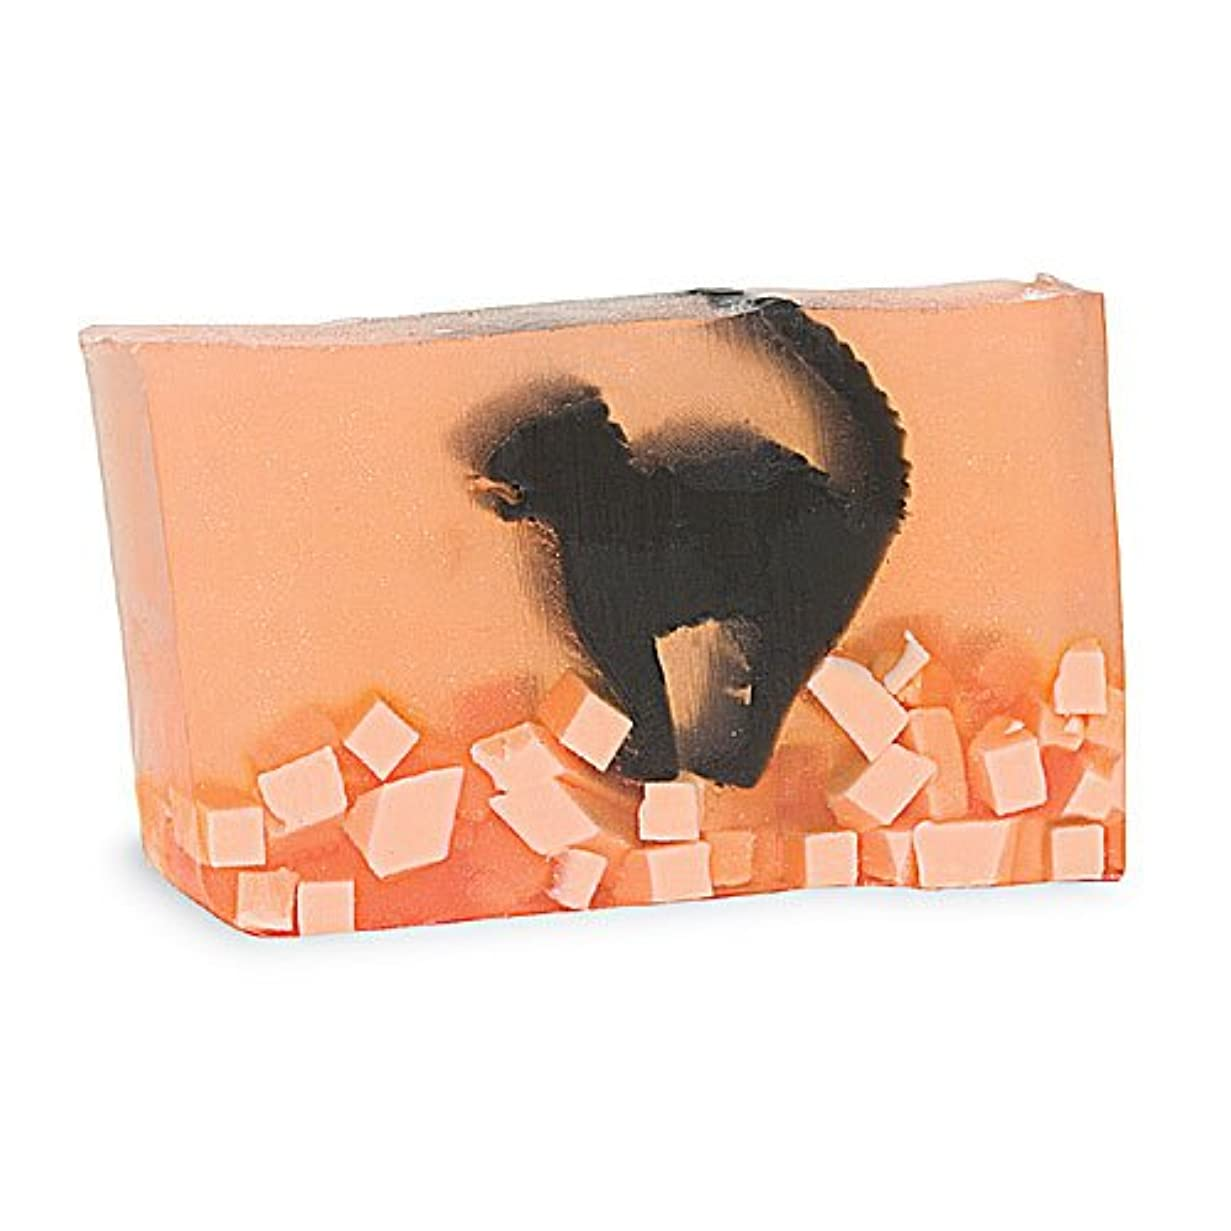 徐々に偏見タクトプライモールエレメンツ アロマティック ソープ スケアディキャット 180g ハロウィンにおすすめ植物性のナチュラル石鹸